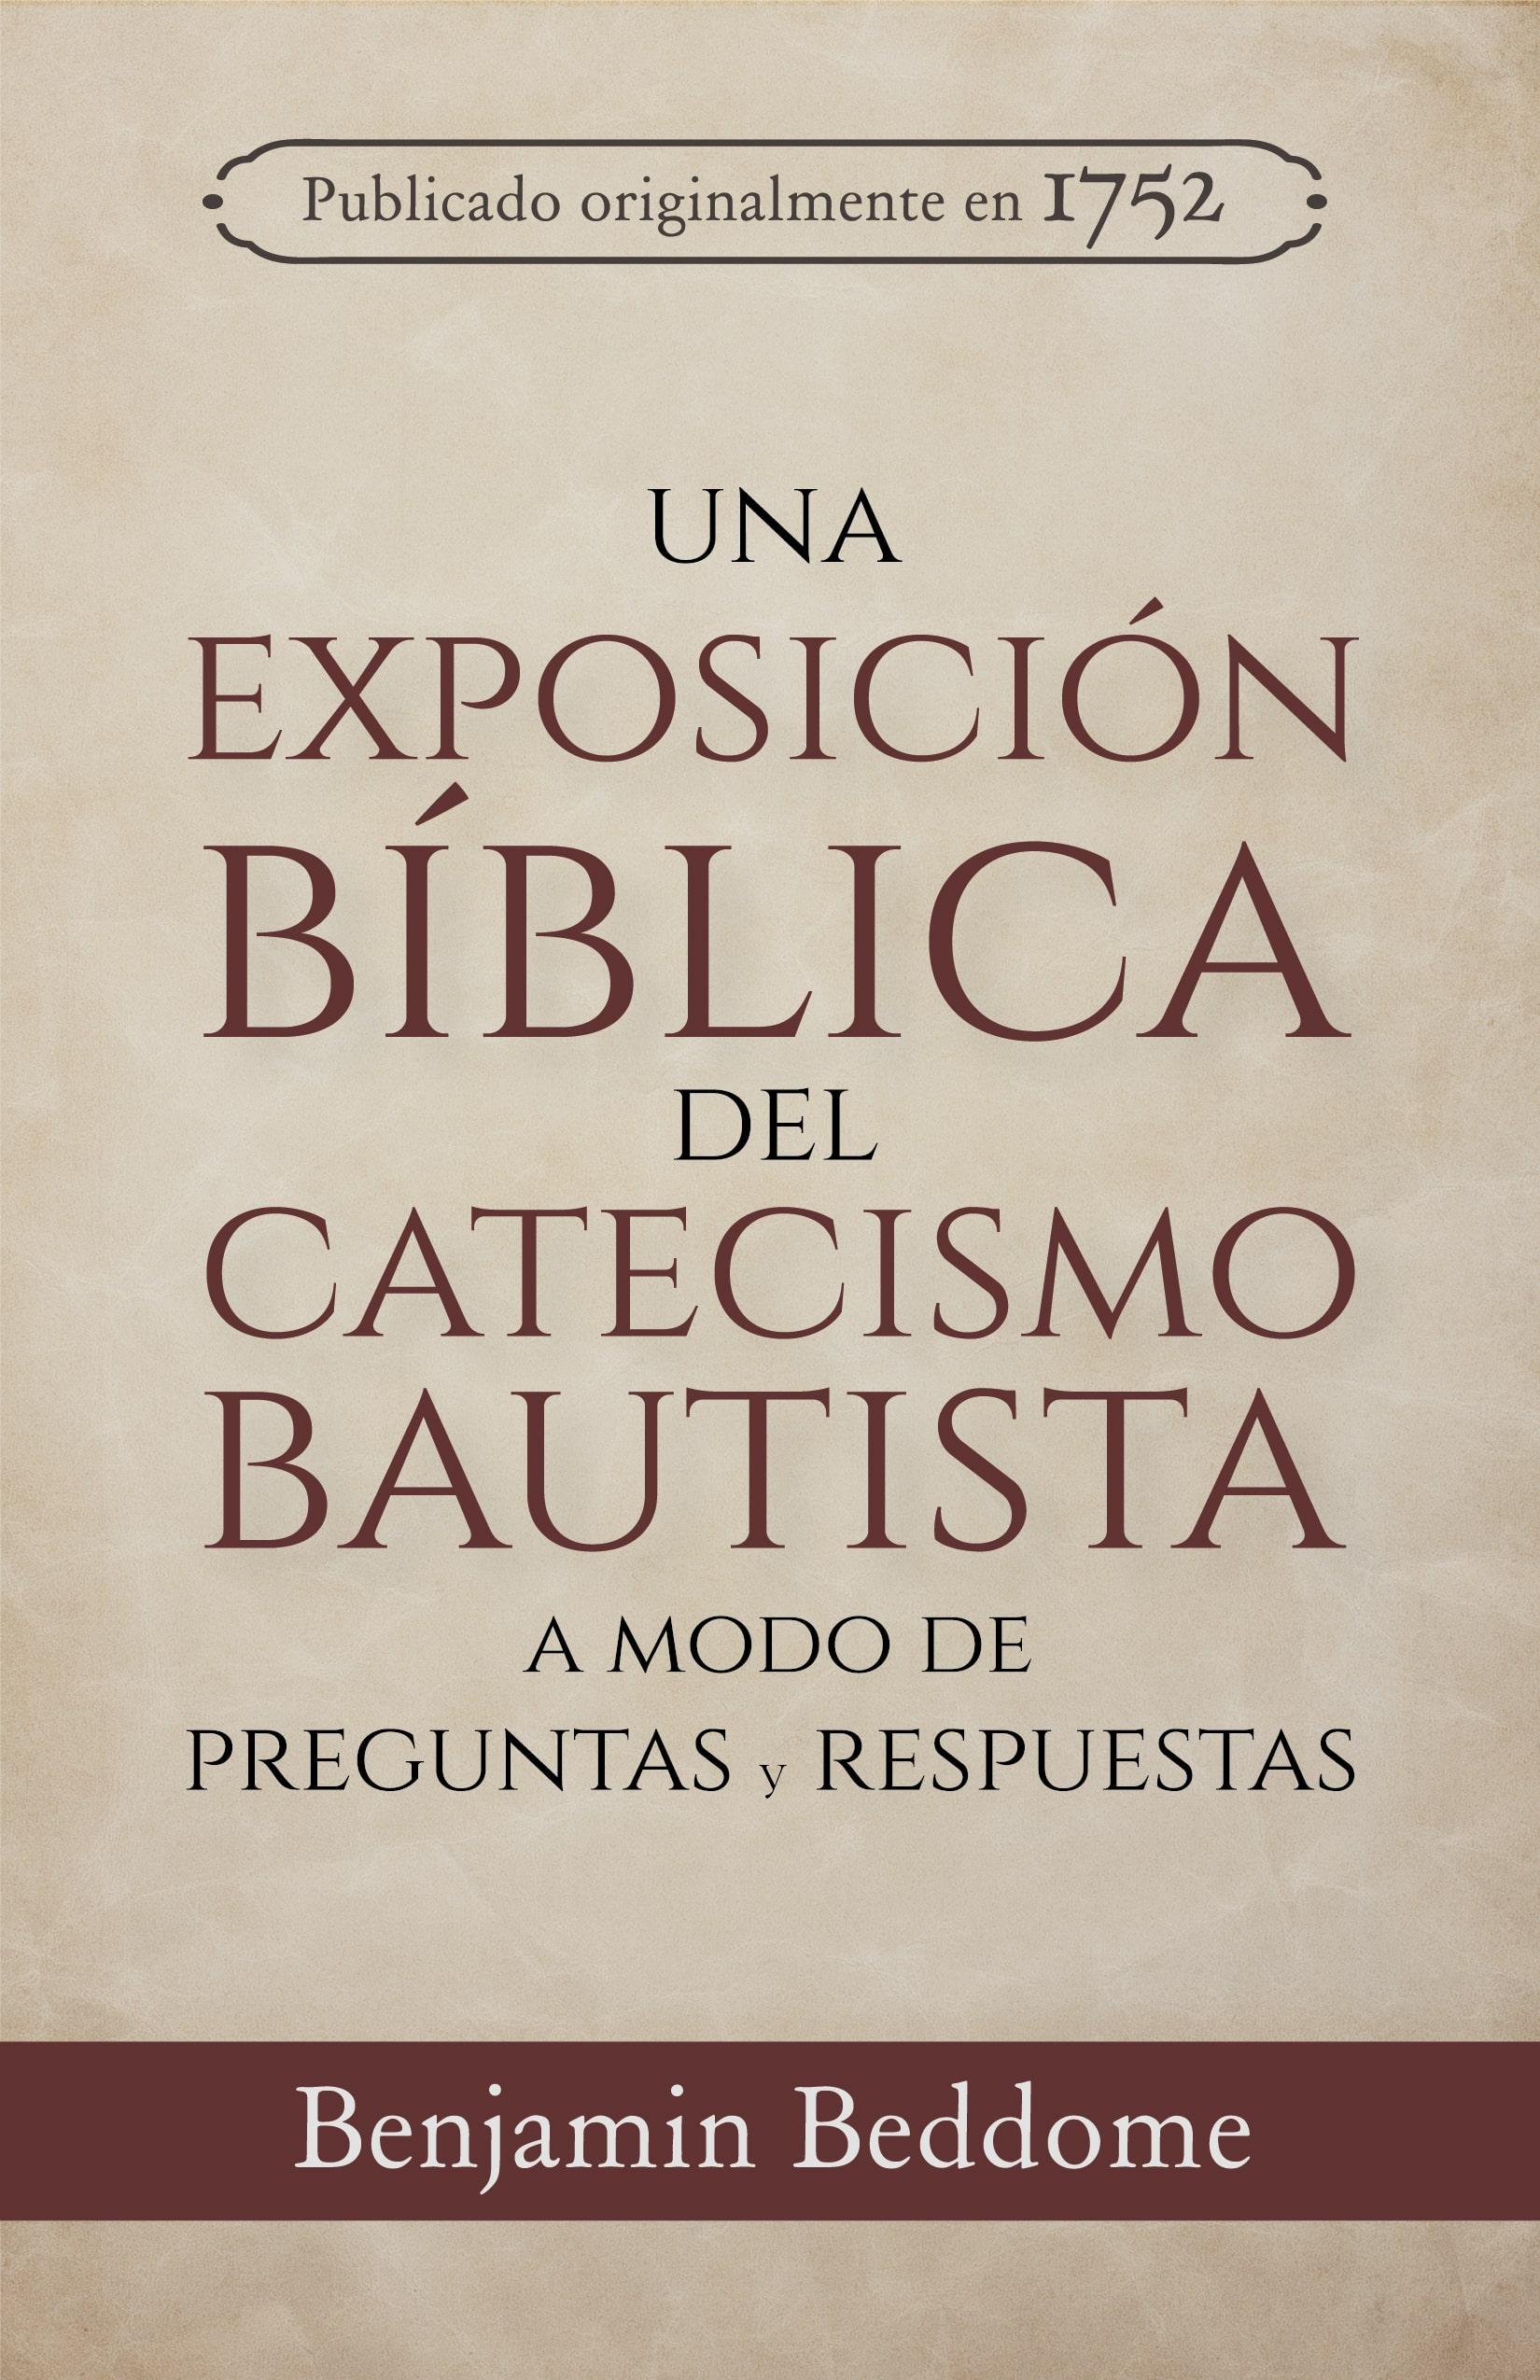 Exposicion Biblica Del Catecismo Bautista